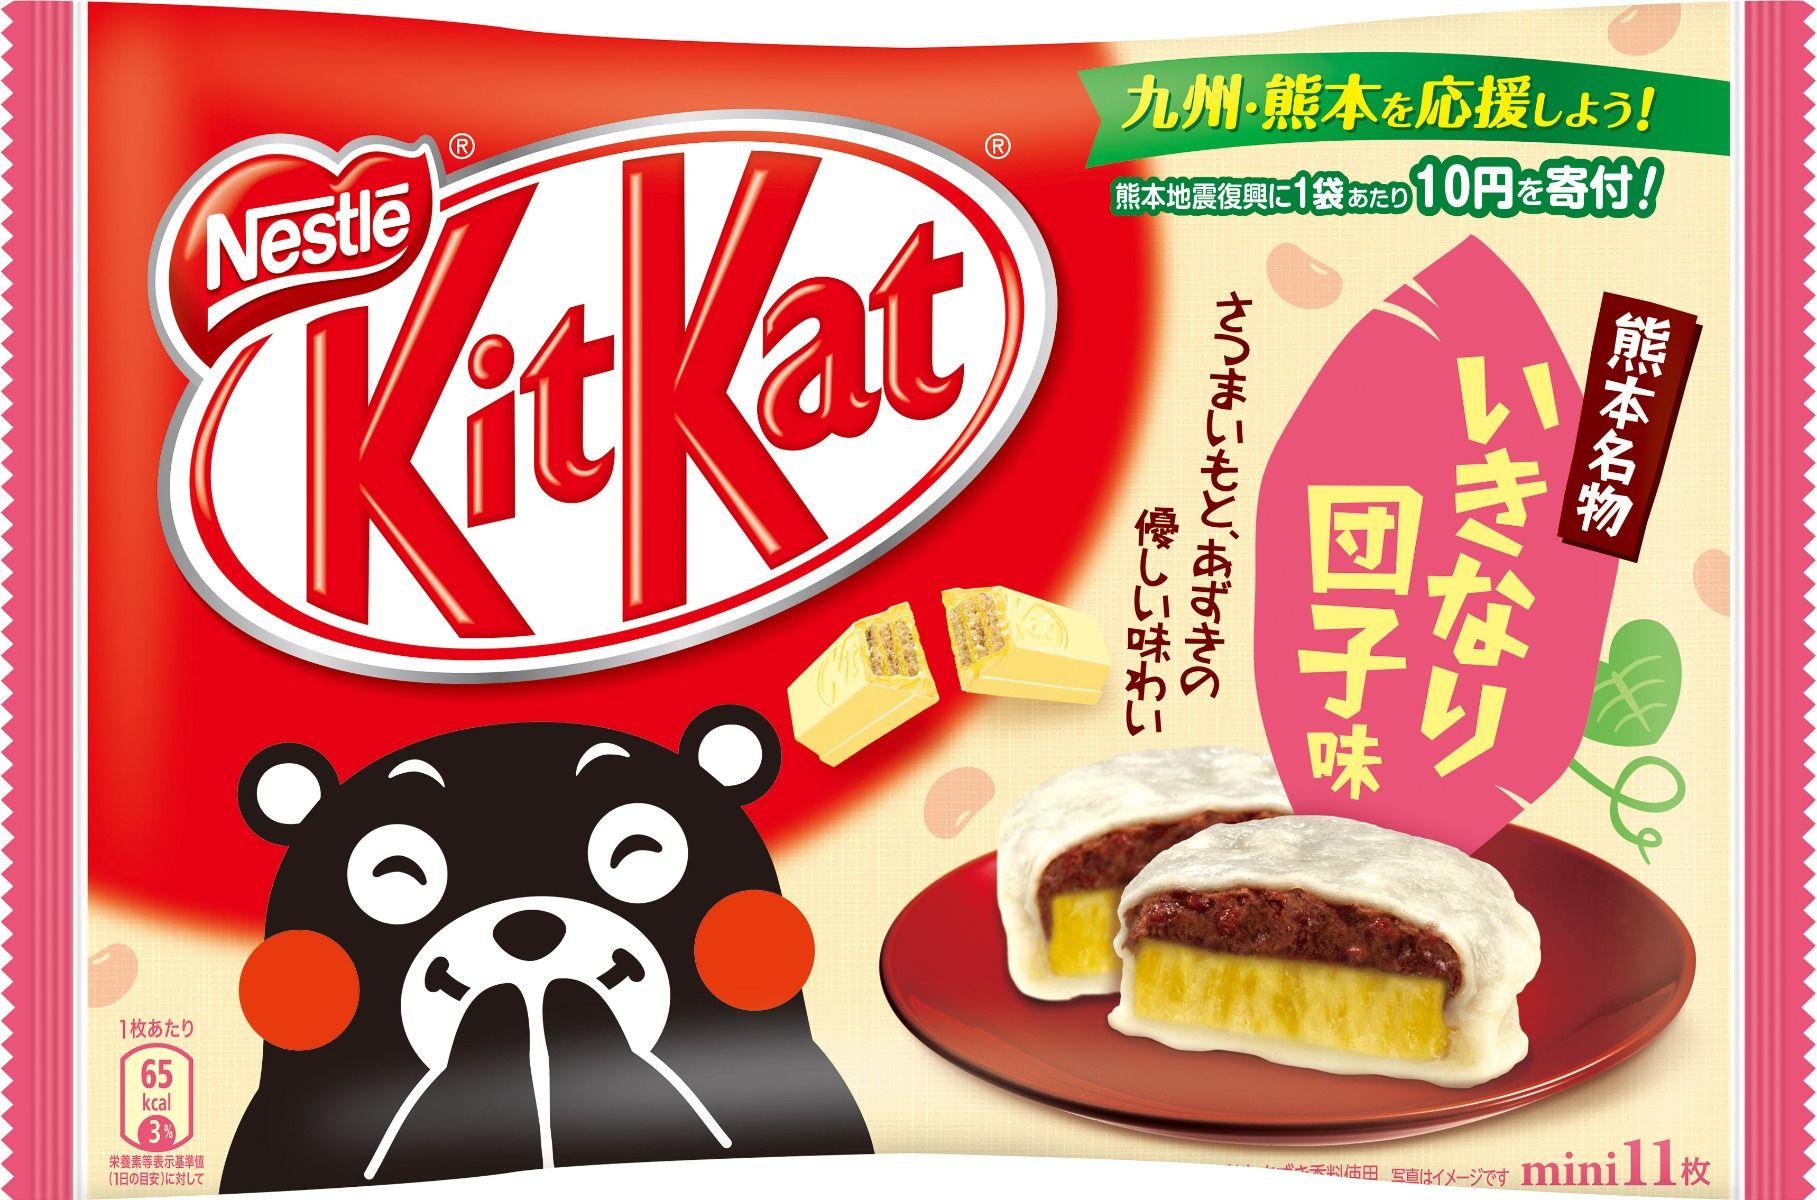 【ネスレ通販】キットカットいきなり団子味で九州・熊本を応援しよう!